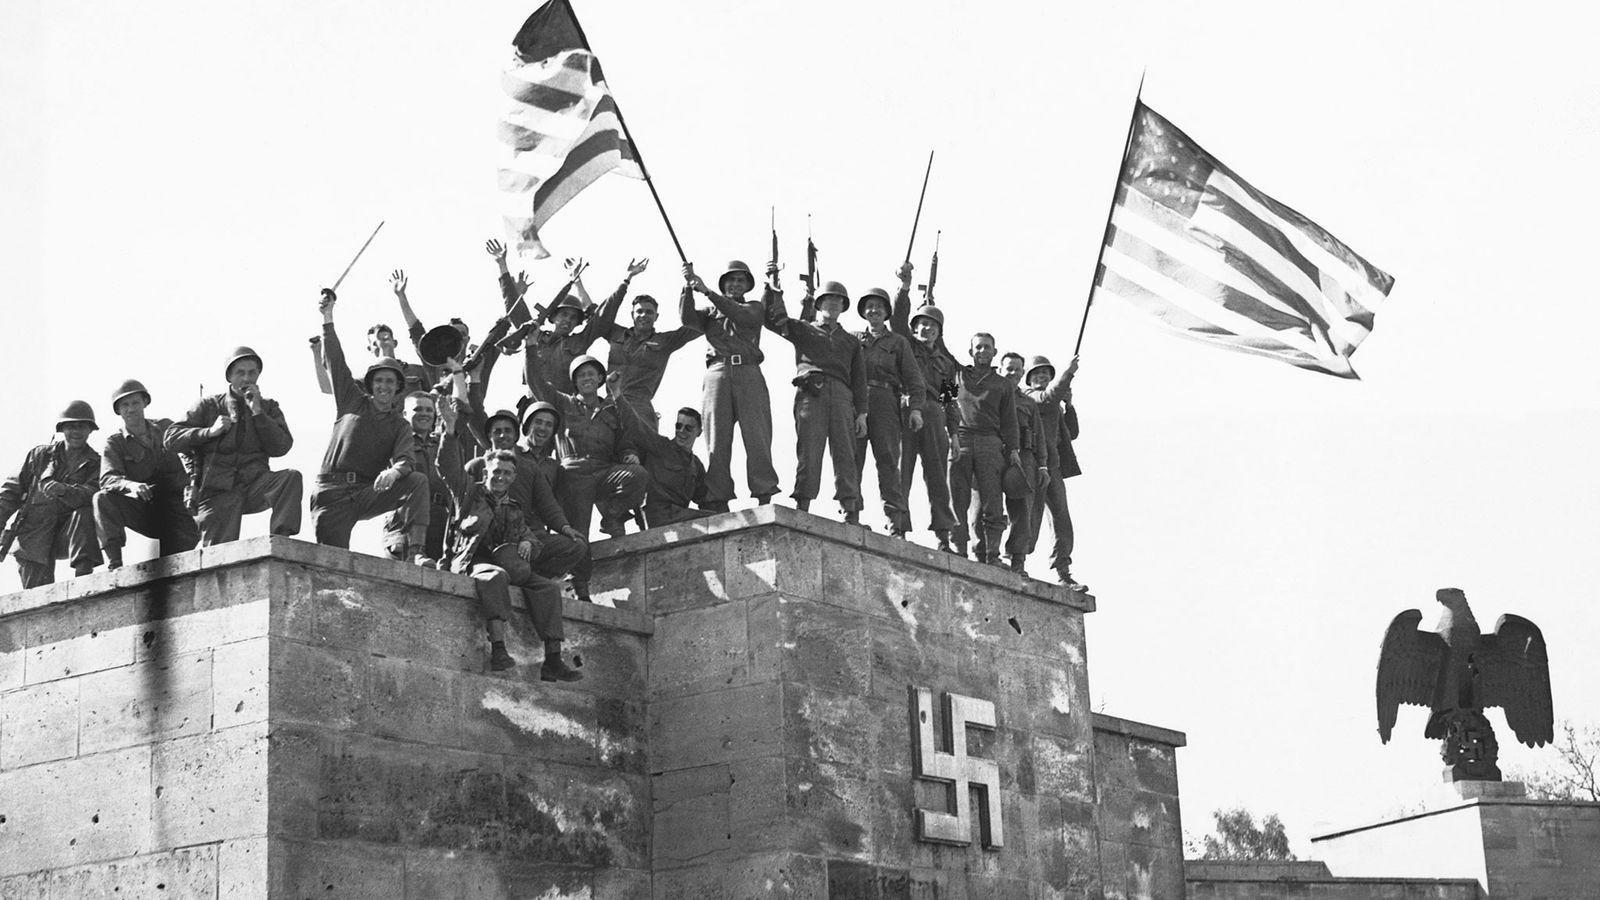 Le 8 mai 1945, les troupes américaines célèbrent la première capitulation sans condition de l'Allemagne. Pour ...